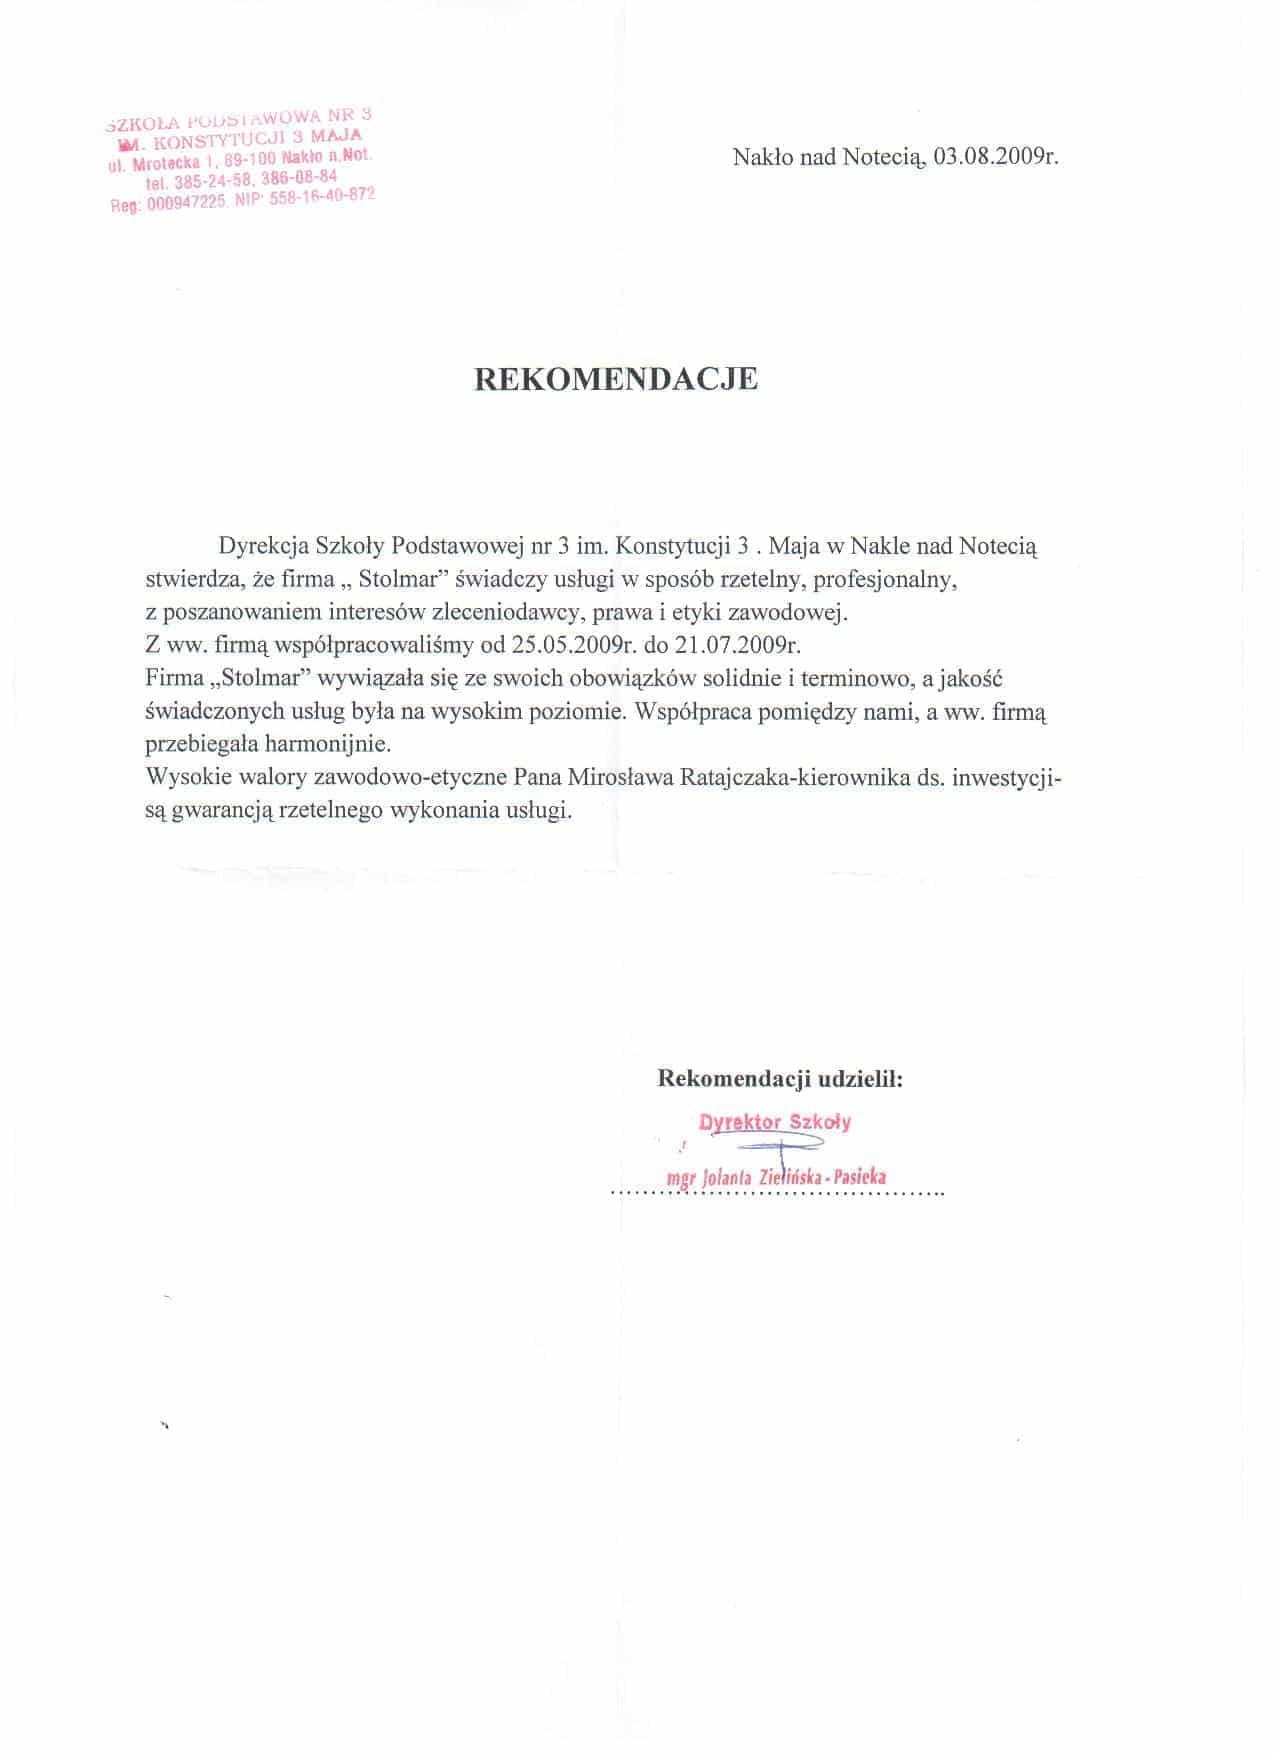 Rekomendacja od Szkoły Podstawowej Nr. 3 w Nakle nad Notecią.